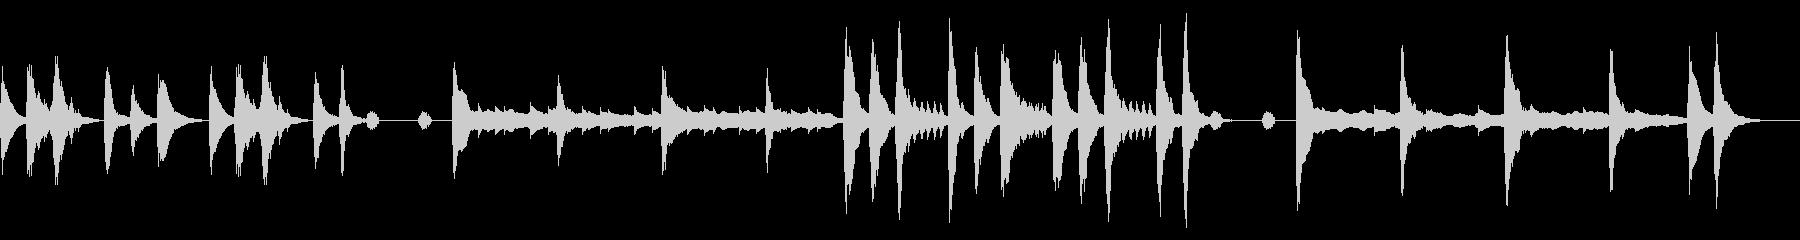 コミカル2/ハロウィン風、バラエティーの未再生の波形